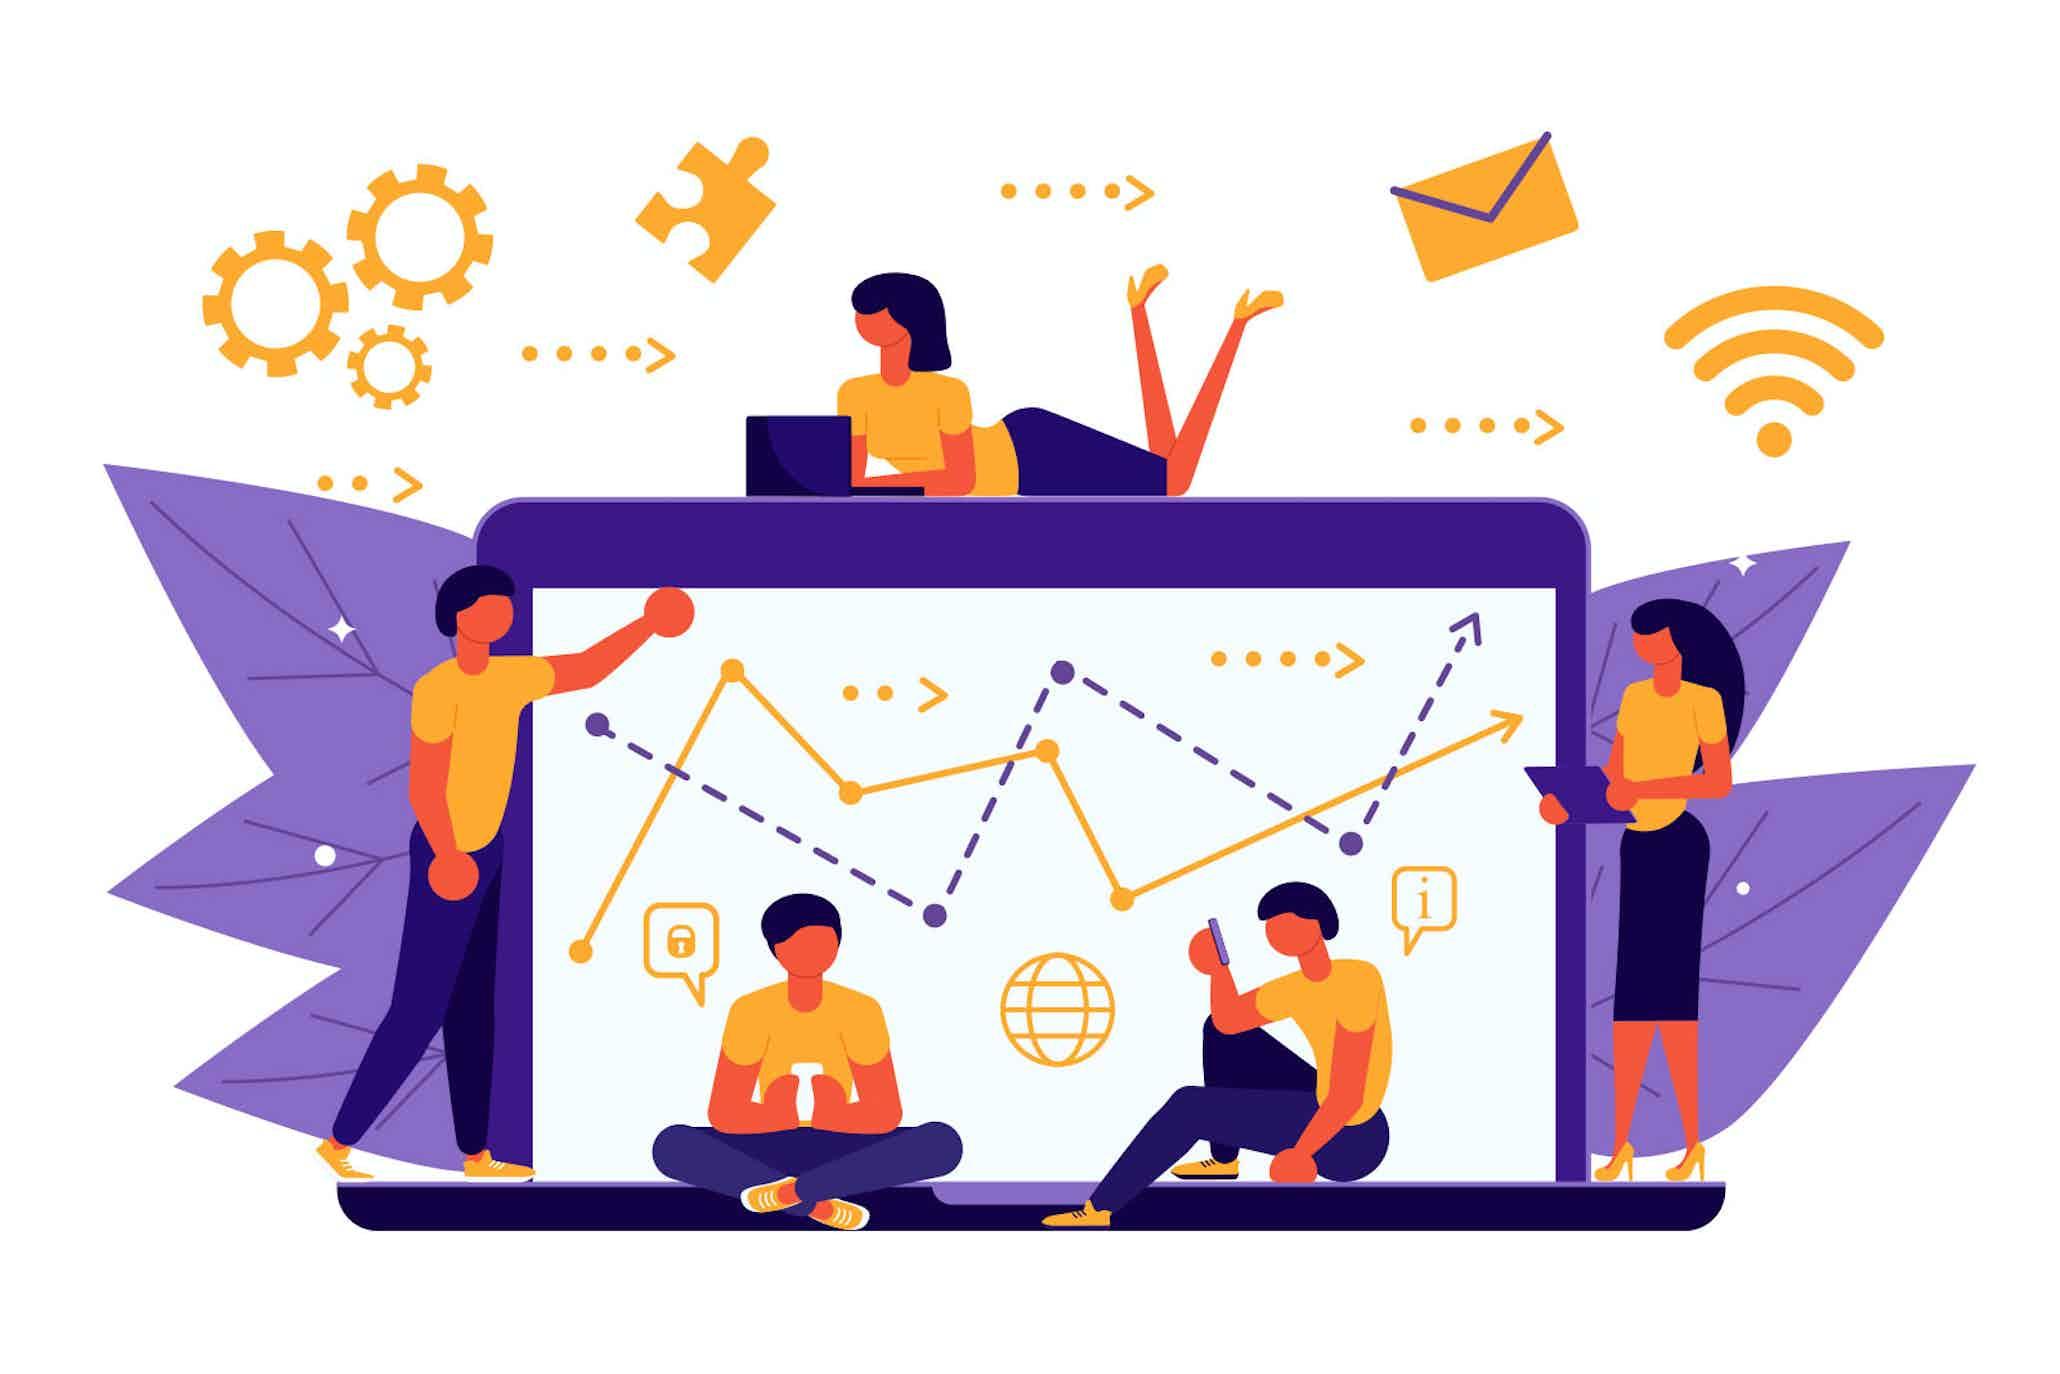 5 مهارت لازم برای کسب و کار در سال 2019 وجود دارد